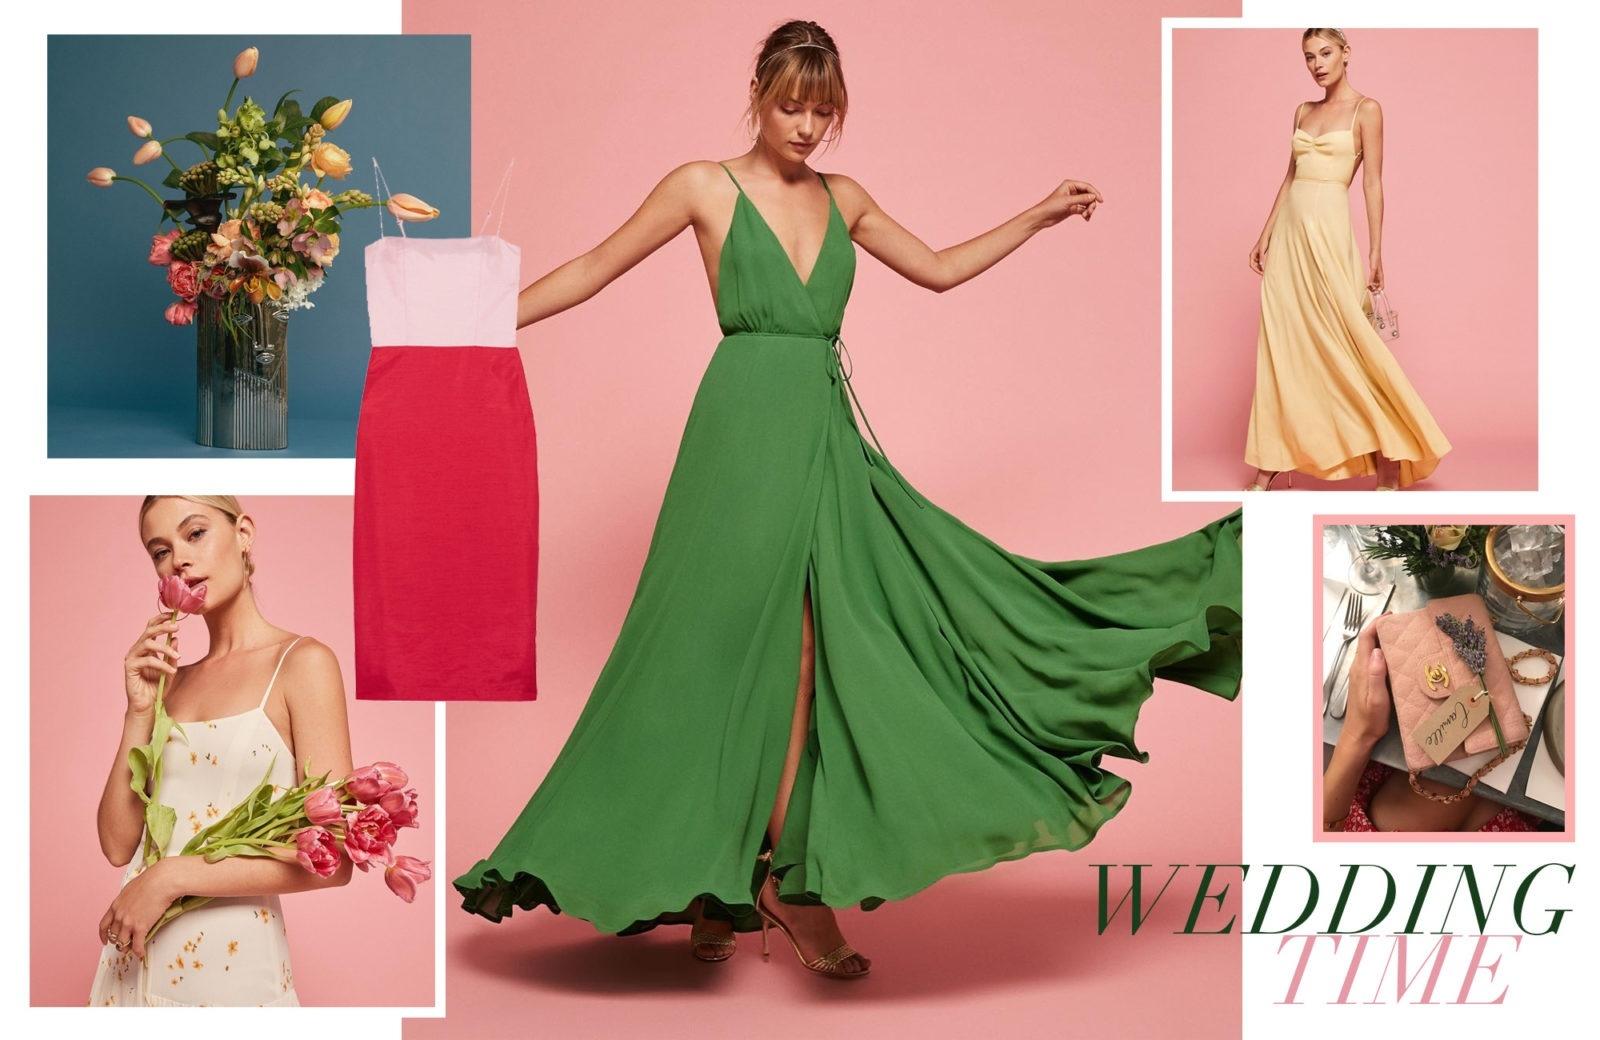 15 Cool Kleider Für Hochzeitsgäste Sommer ÄrmelFormal Luxus Kleider Für Hochzeitsgäste Sommer Ärmel